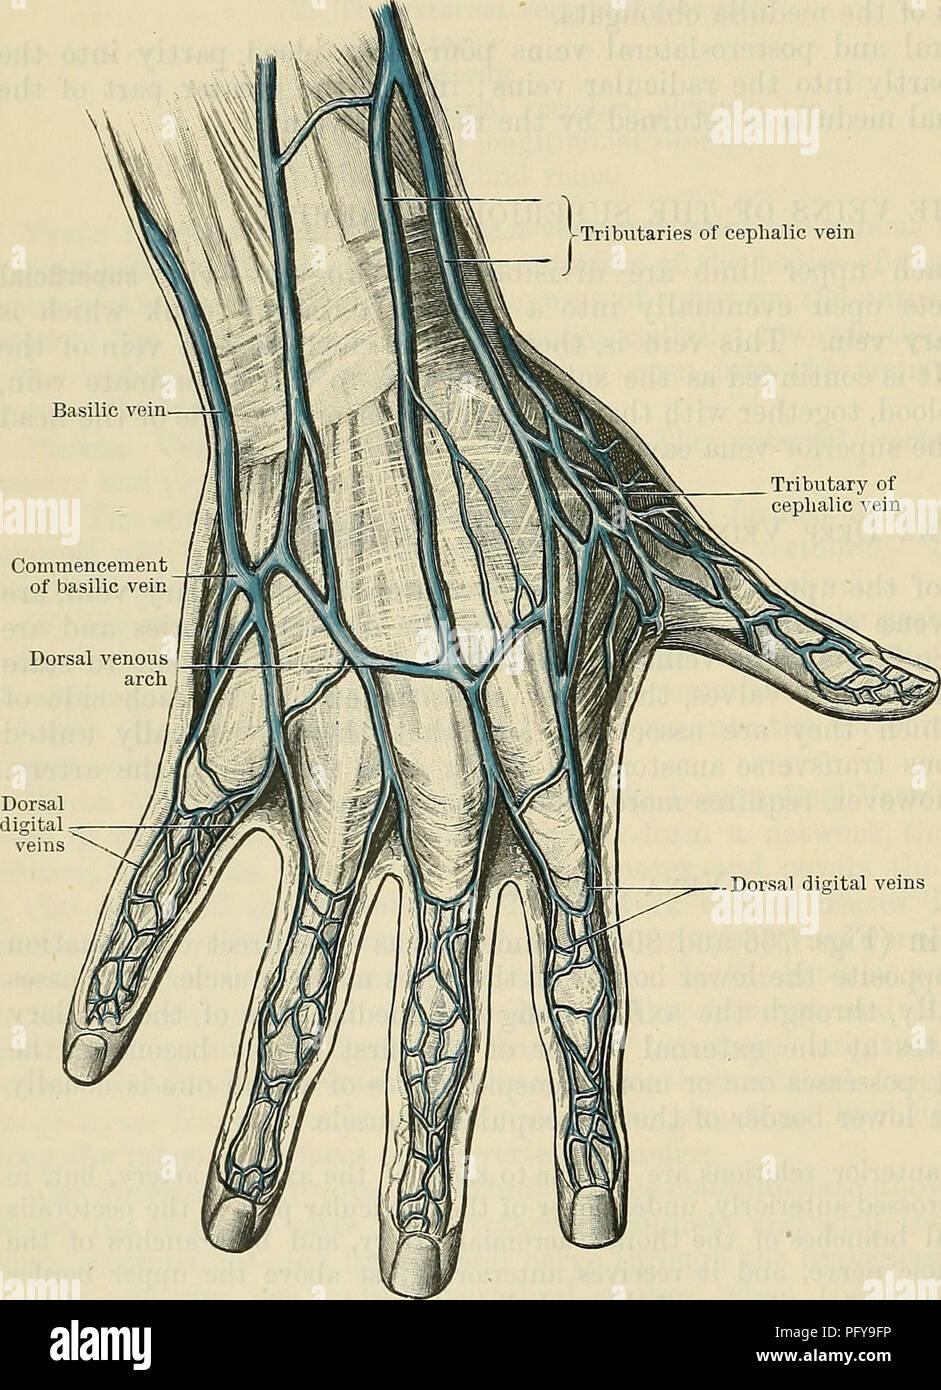 Cunninghams Lehrbuch der Anatomie. Anatomie. 978 Die VASCULAB SYSTEM ...